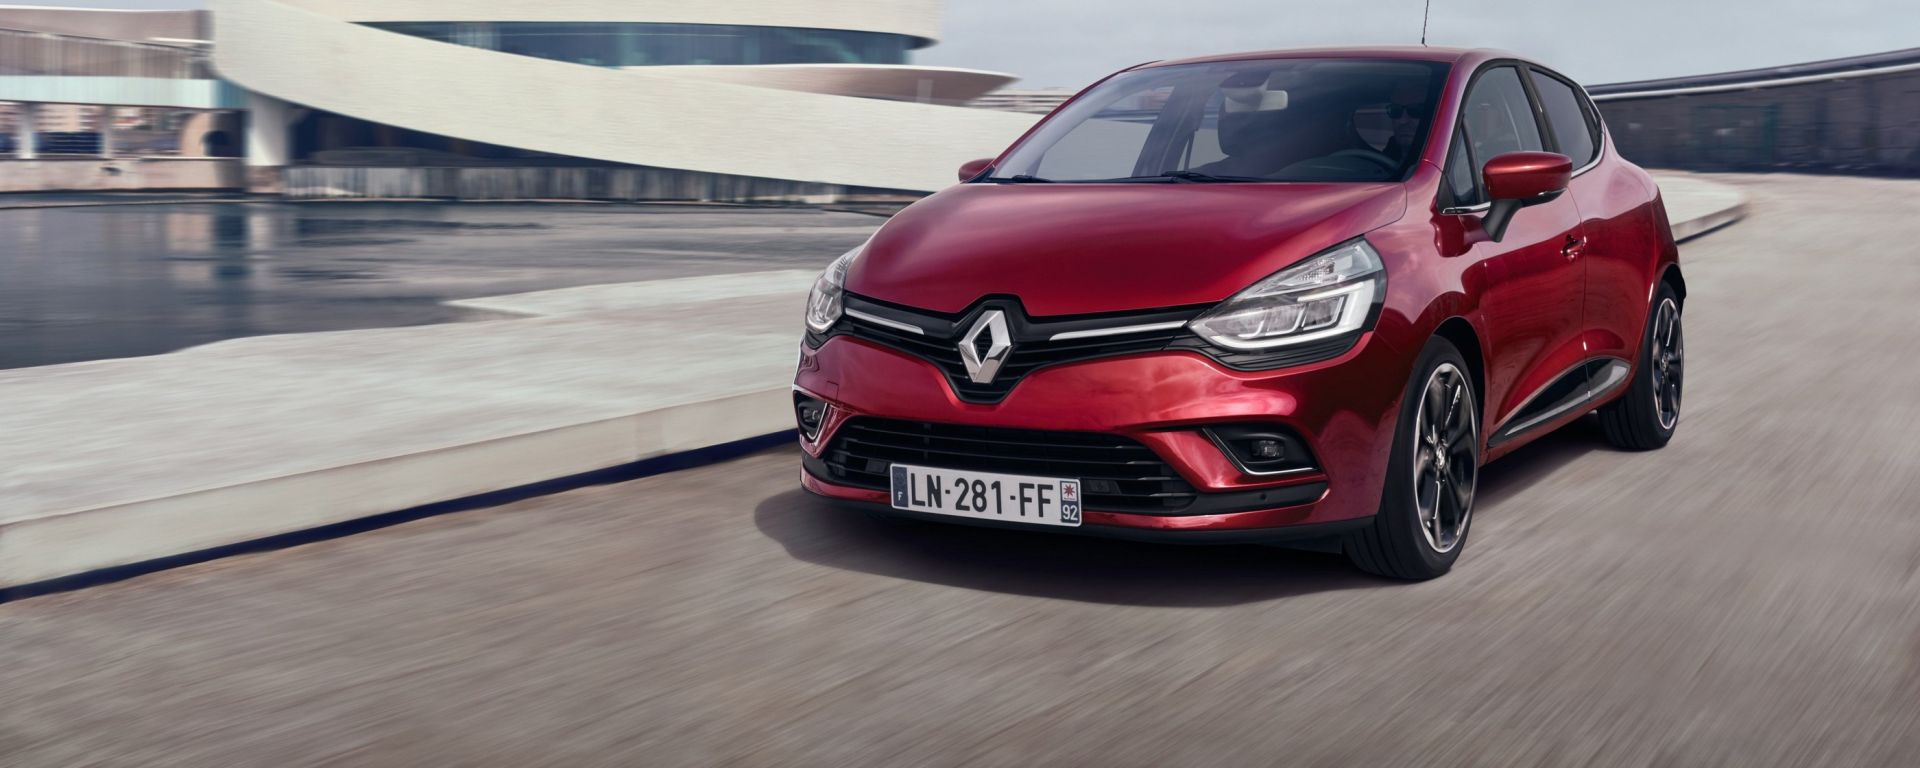 Renault Clio restyling: nel frontale è forte la somiglianza con la Mégane